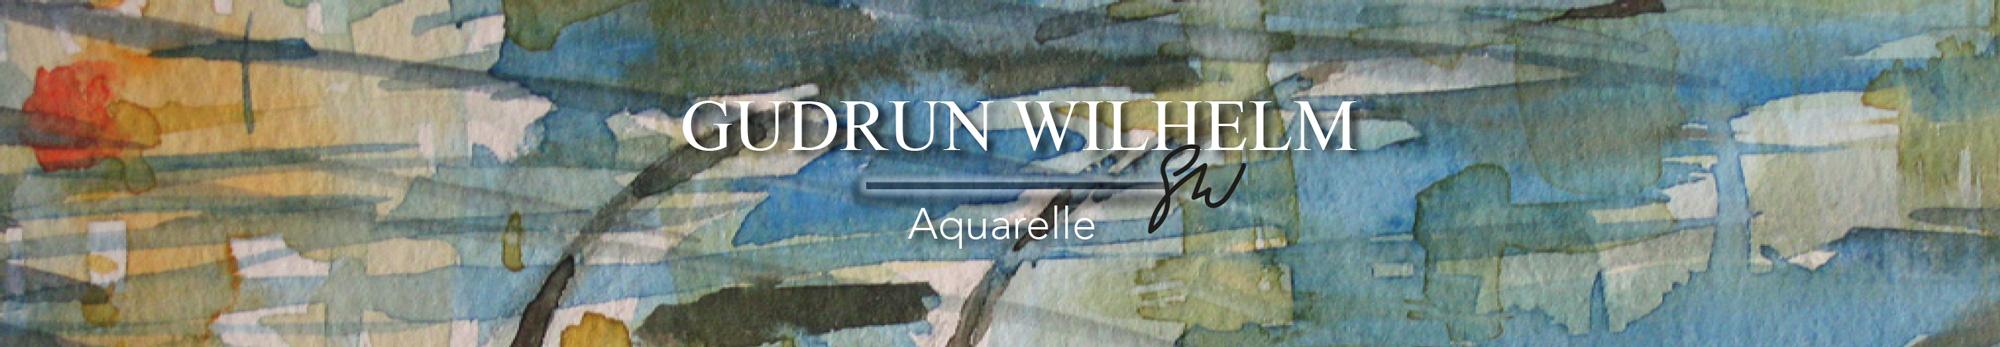 Gudrun Wilhelm